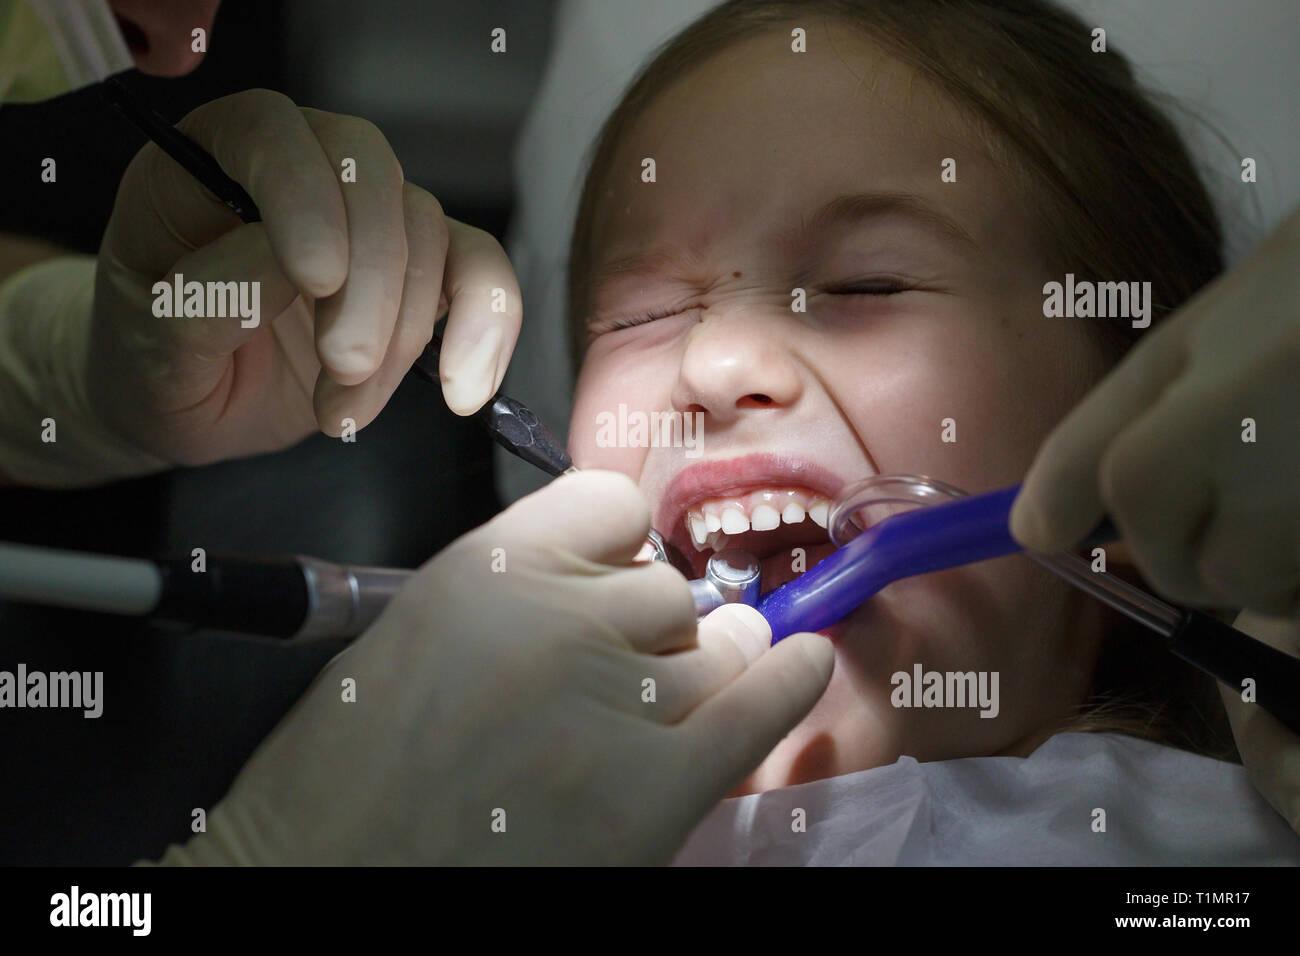 Peur petite fille à l'office, les dentistes dans la douleur lors d'un examen de santé. Les soins dentaires pédiatriques et la peur du dentiste concept. Banque D'Images